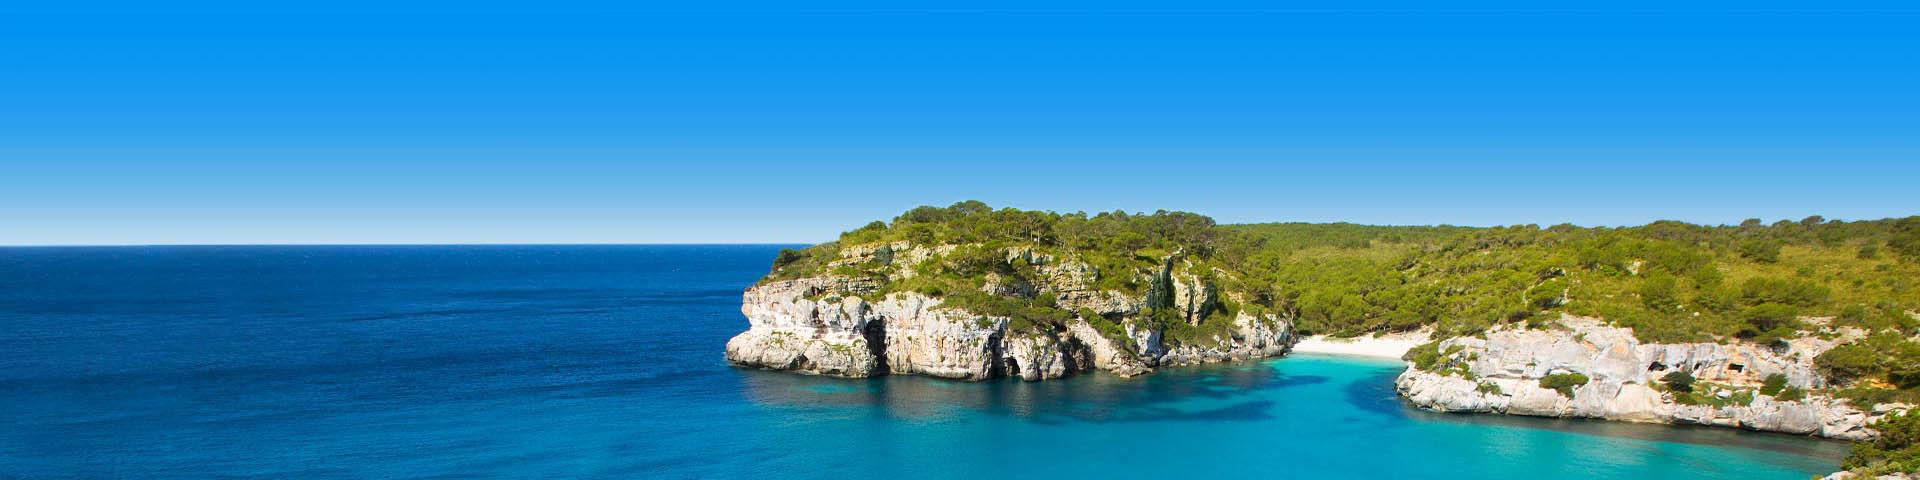 Helderblauwe zee grenzend aan rotsen bij het Spaanse eiland Menorca